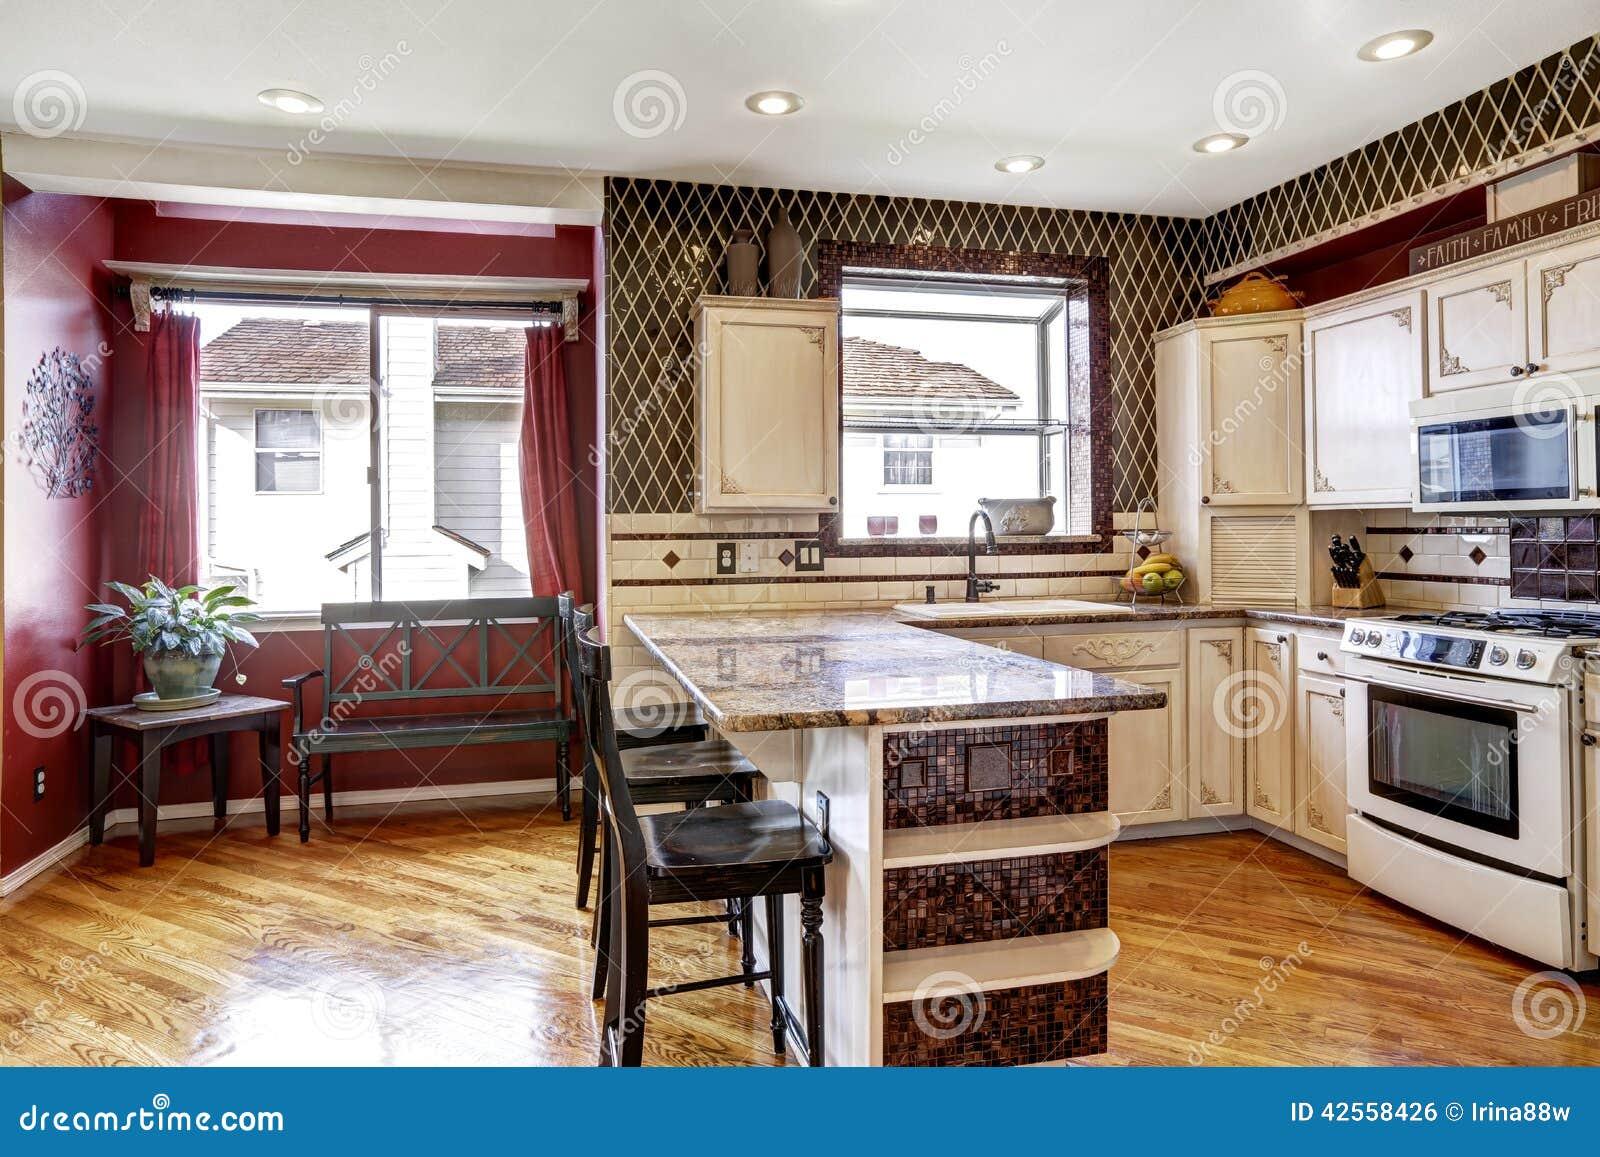 Pittura a smalto per cucina cool with pittura a smalto per cucina